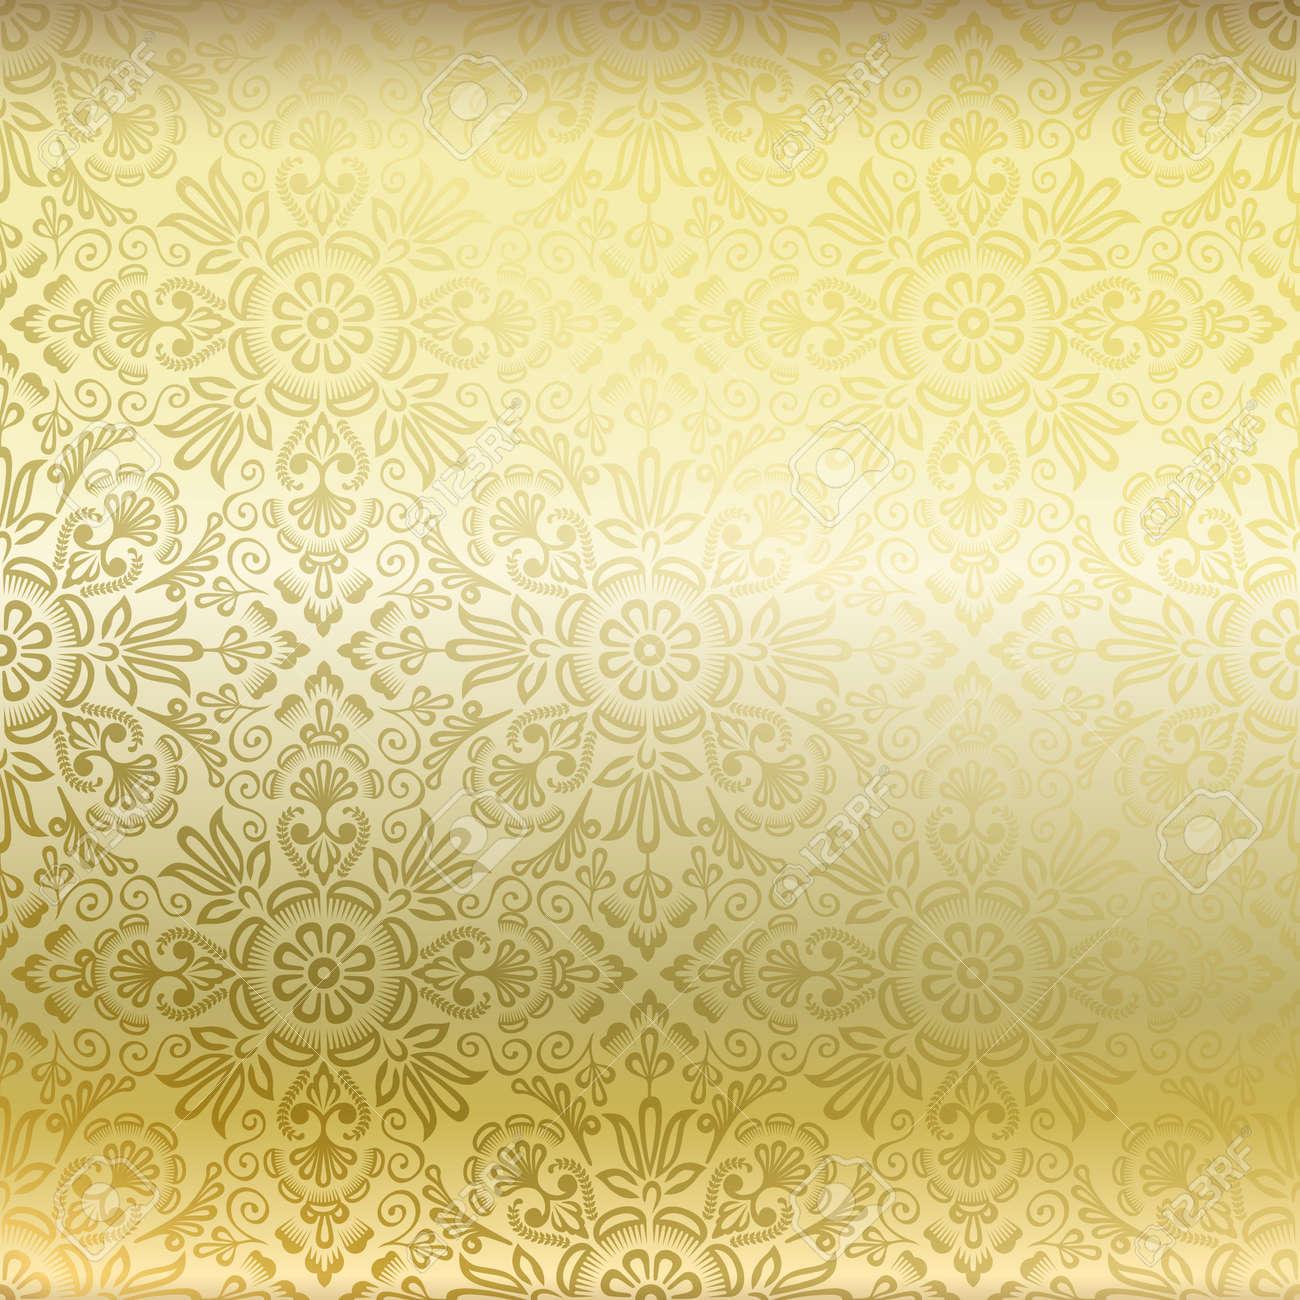 Seamless golden damask wallpaper - 14240091